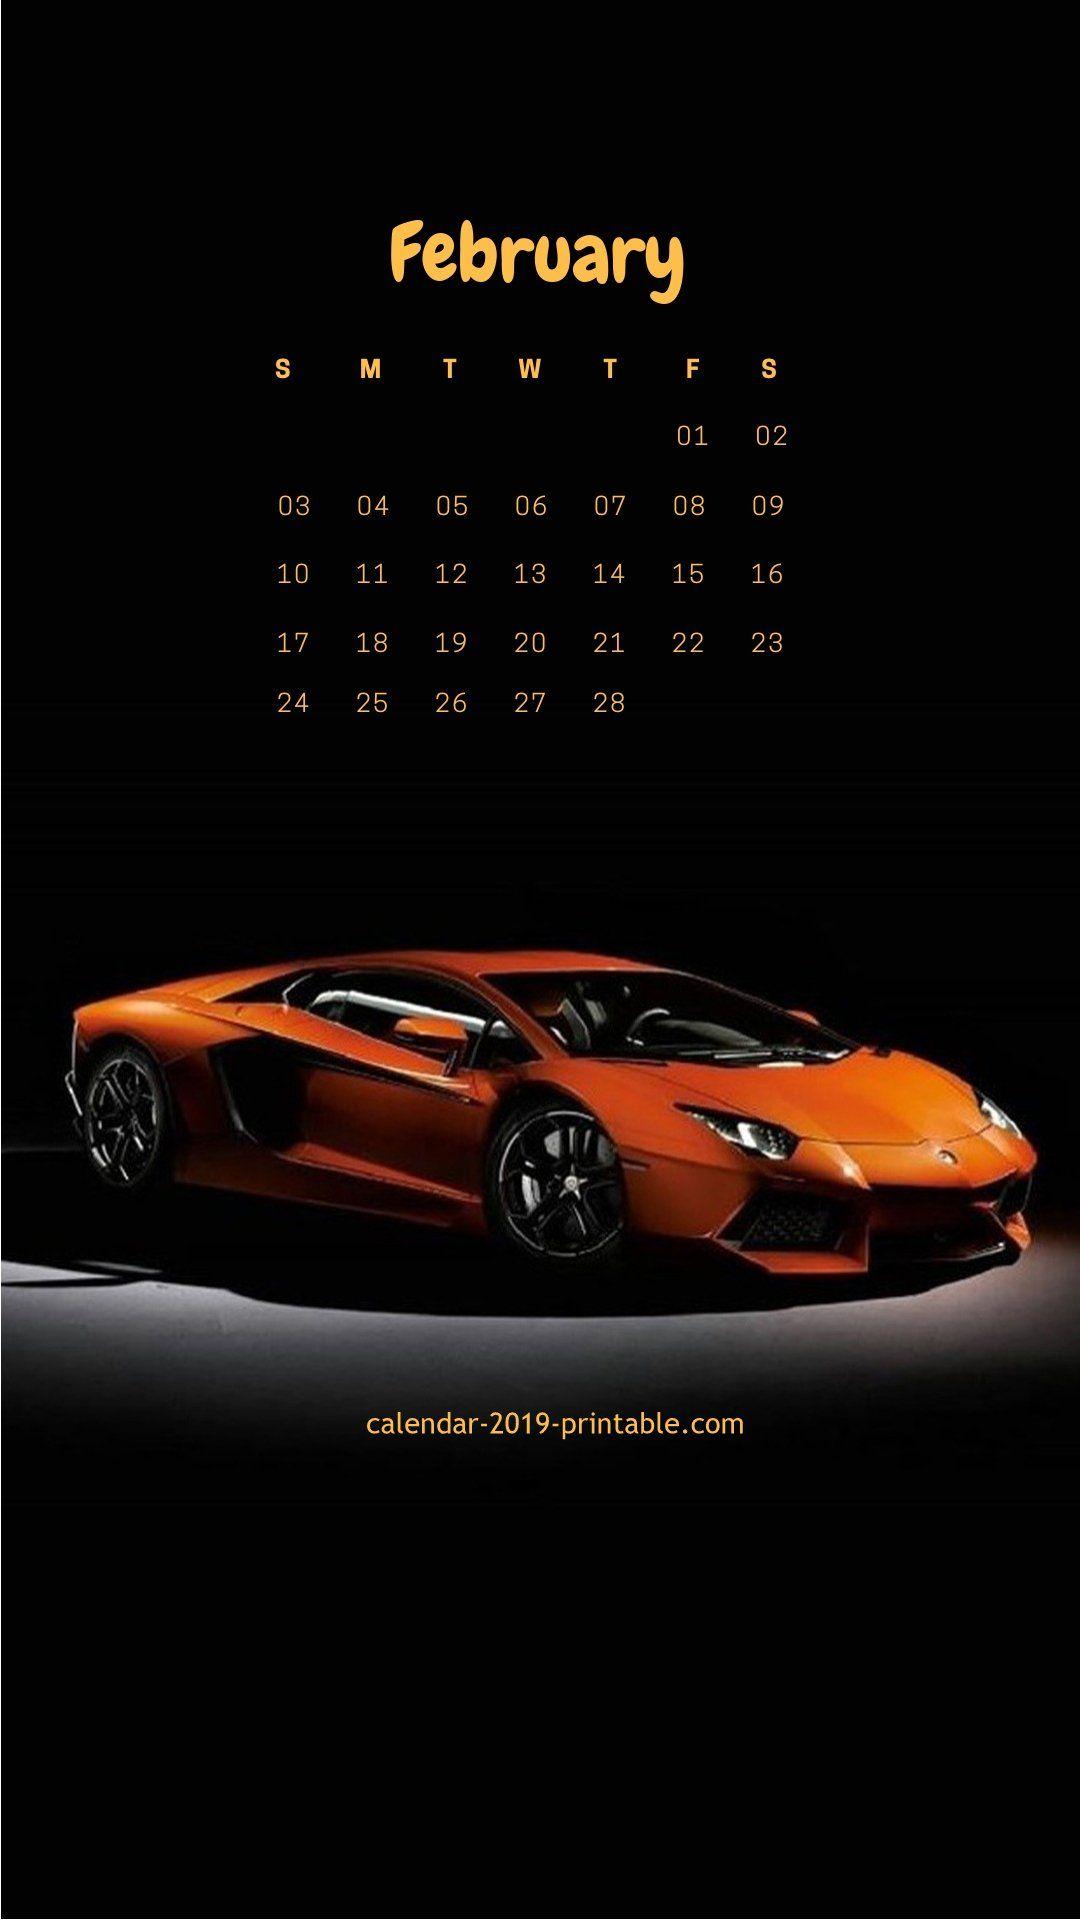 february 2019 iphone calendar car wallpaper | Wallpaper in 2019 | Pinterest | Calendar wallpaper ...